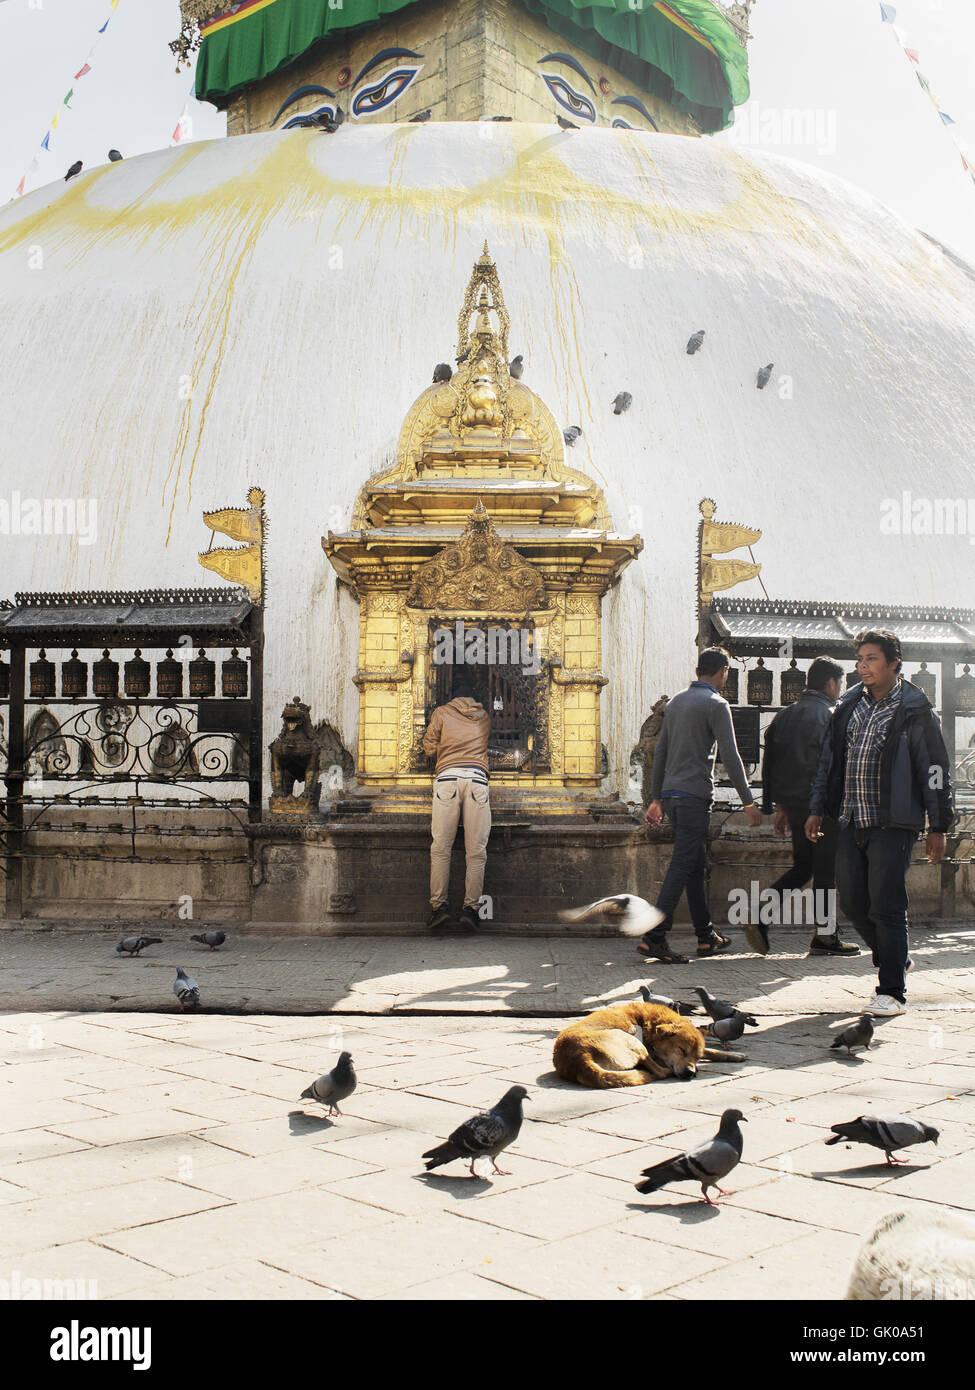 Außerhalb einer Pagode in Lukla, Nepal Stockbild